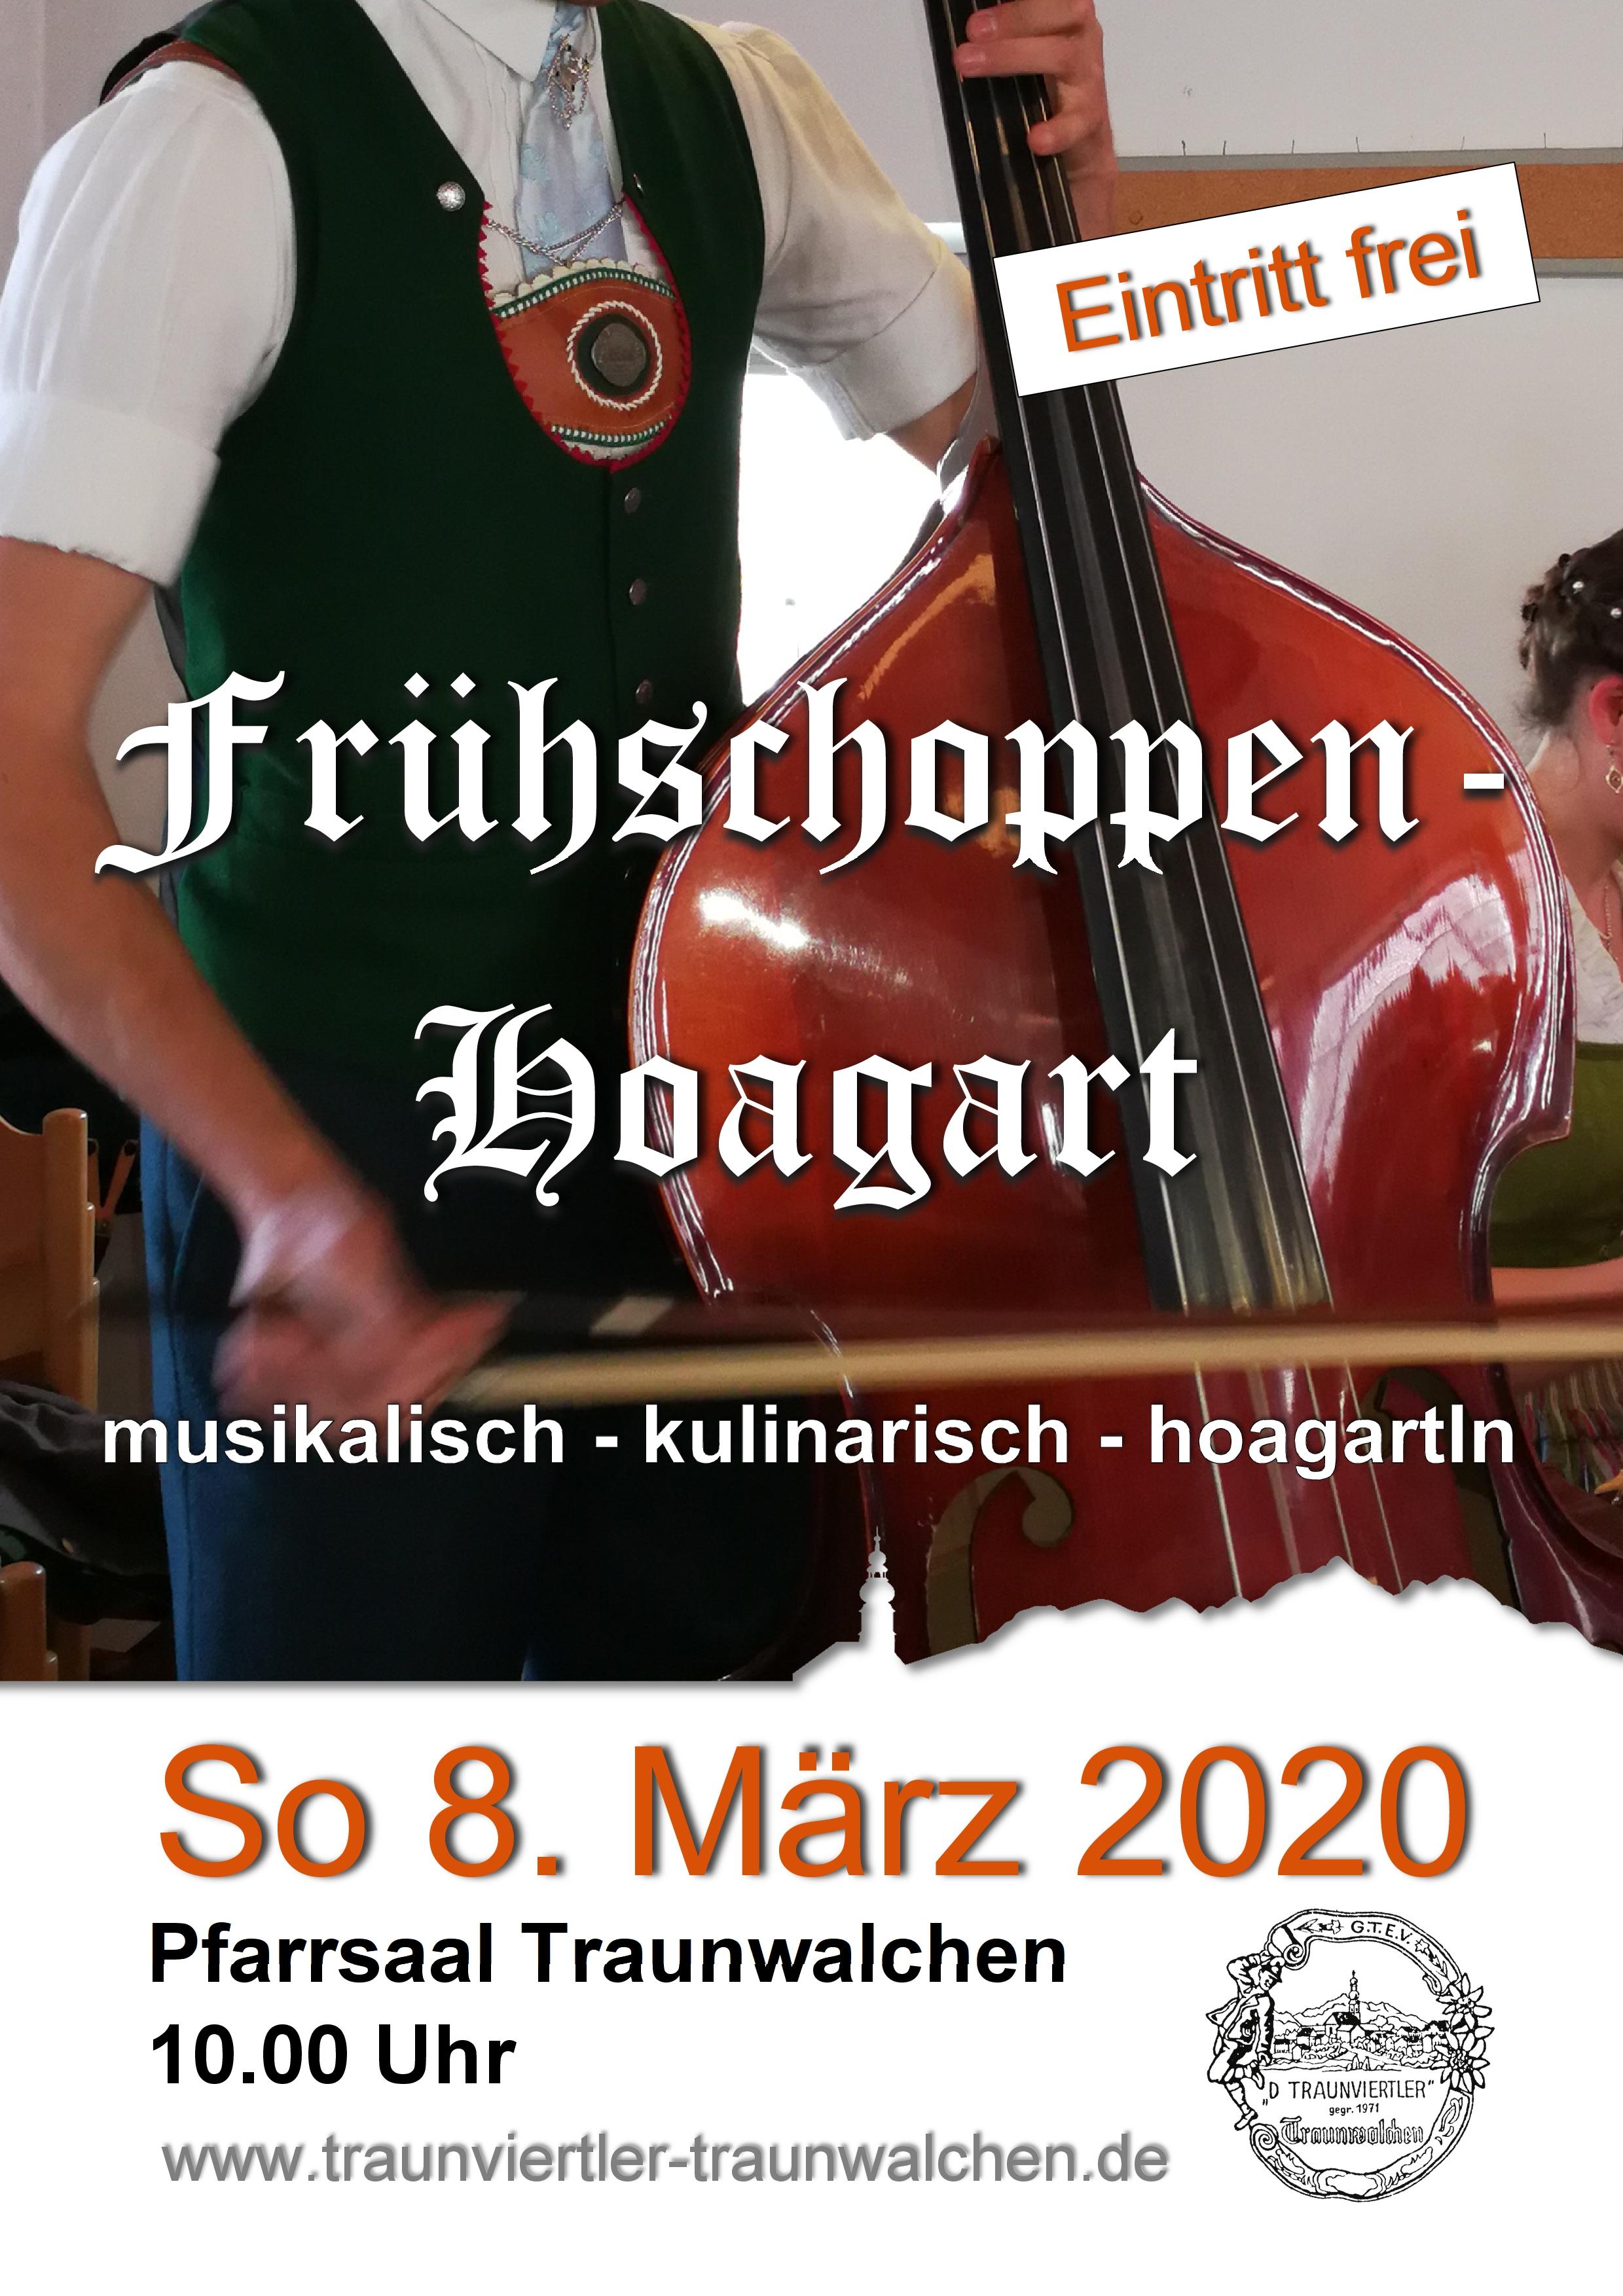 Frühschoppen-Hoagart Traunwalchen